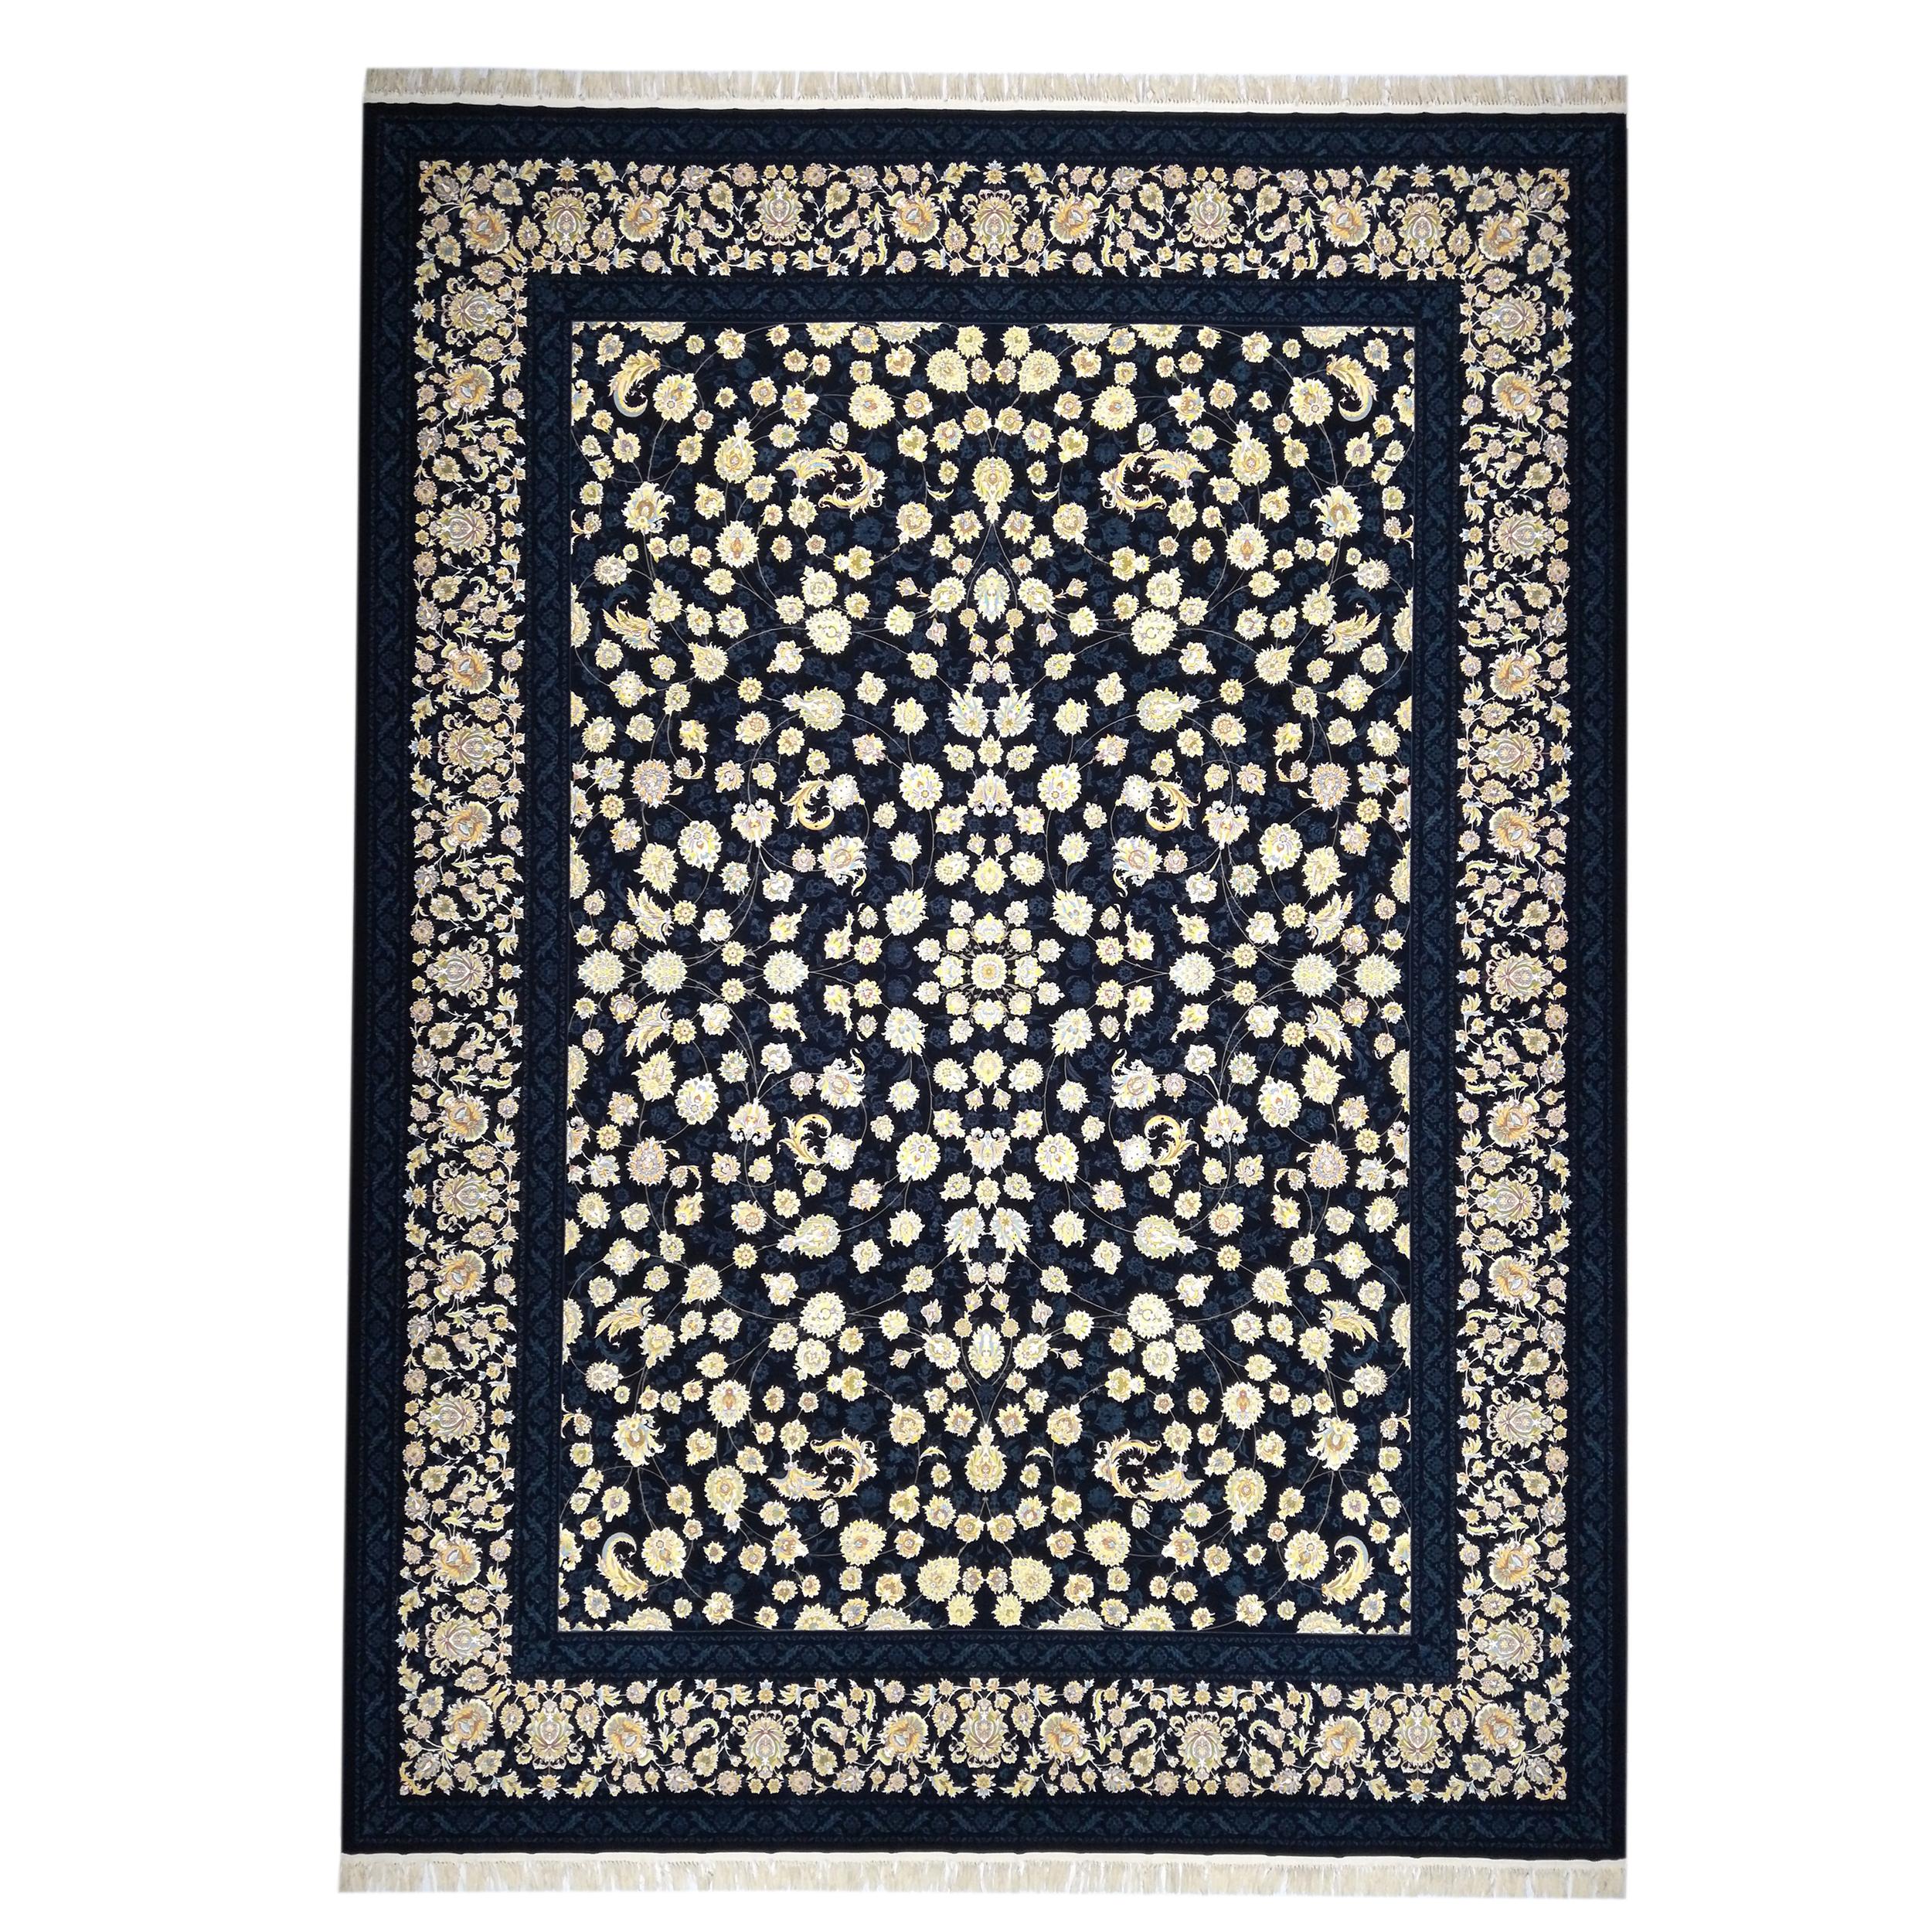 فرش ماشینی فرش مارکت تریتا طرح بهداد کد fm1200 66 زمینه سرمه ای